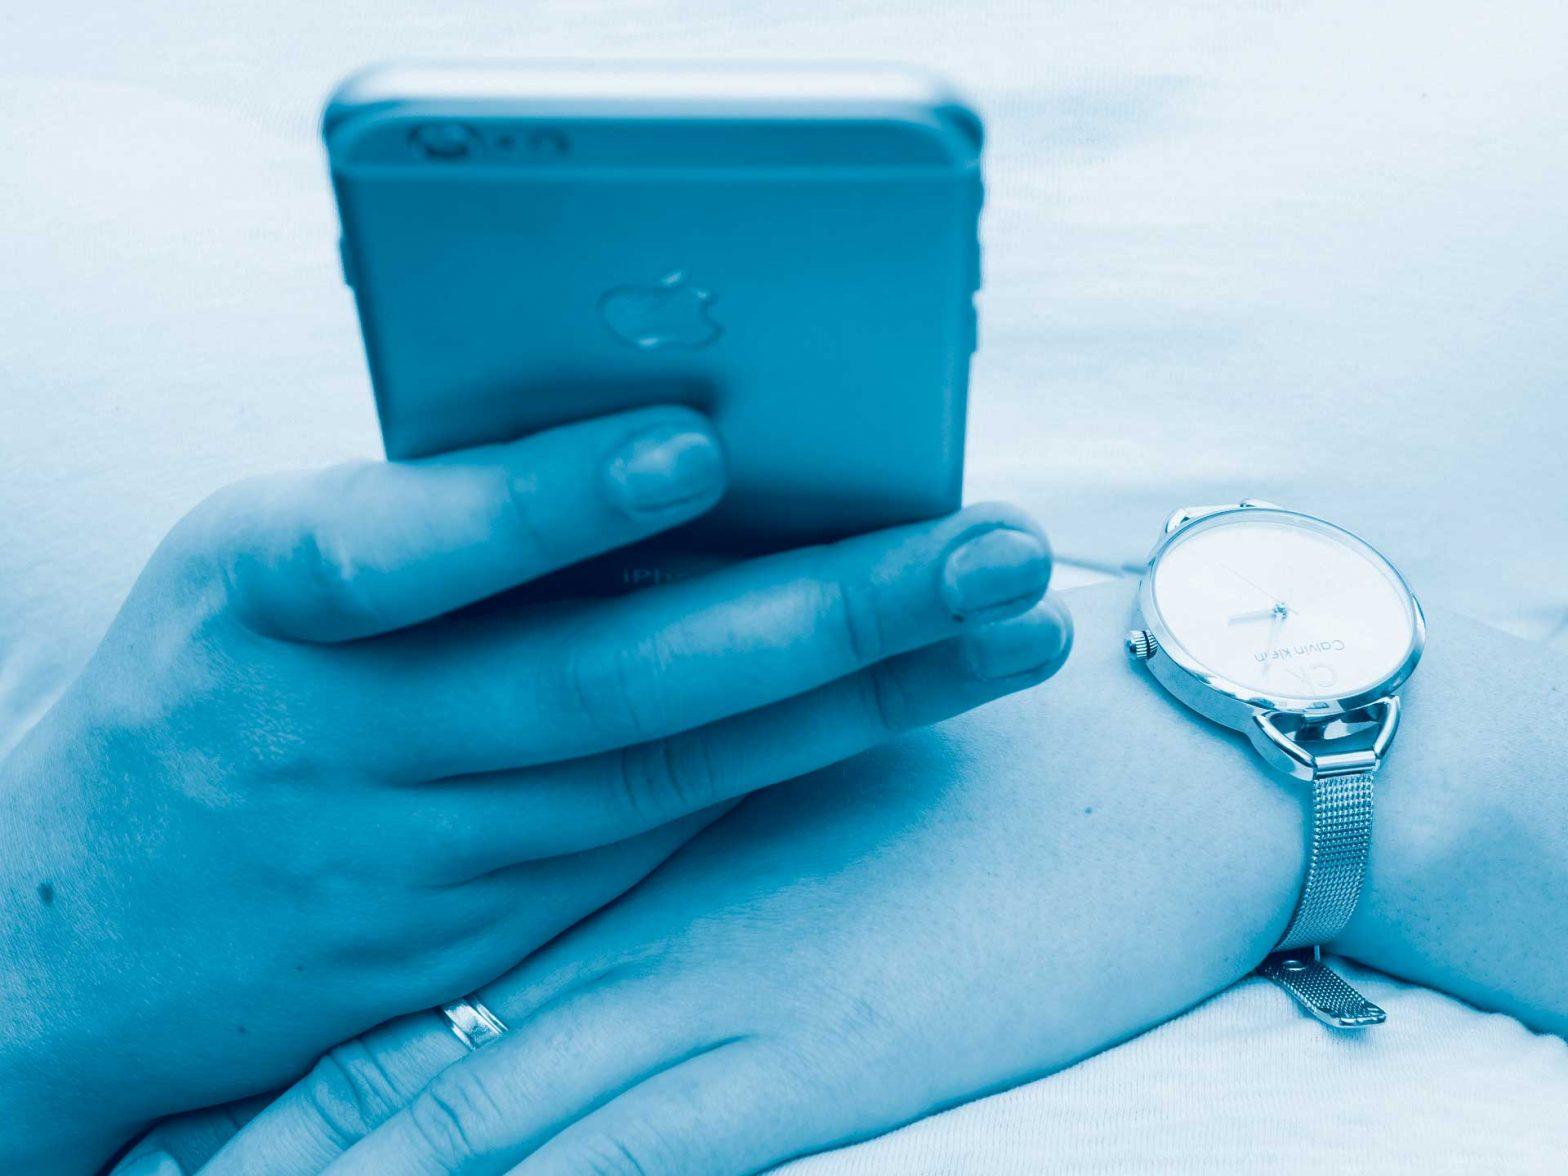 Hände mit einer Uhr am Handgelenk halten ein Smartphone